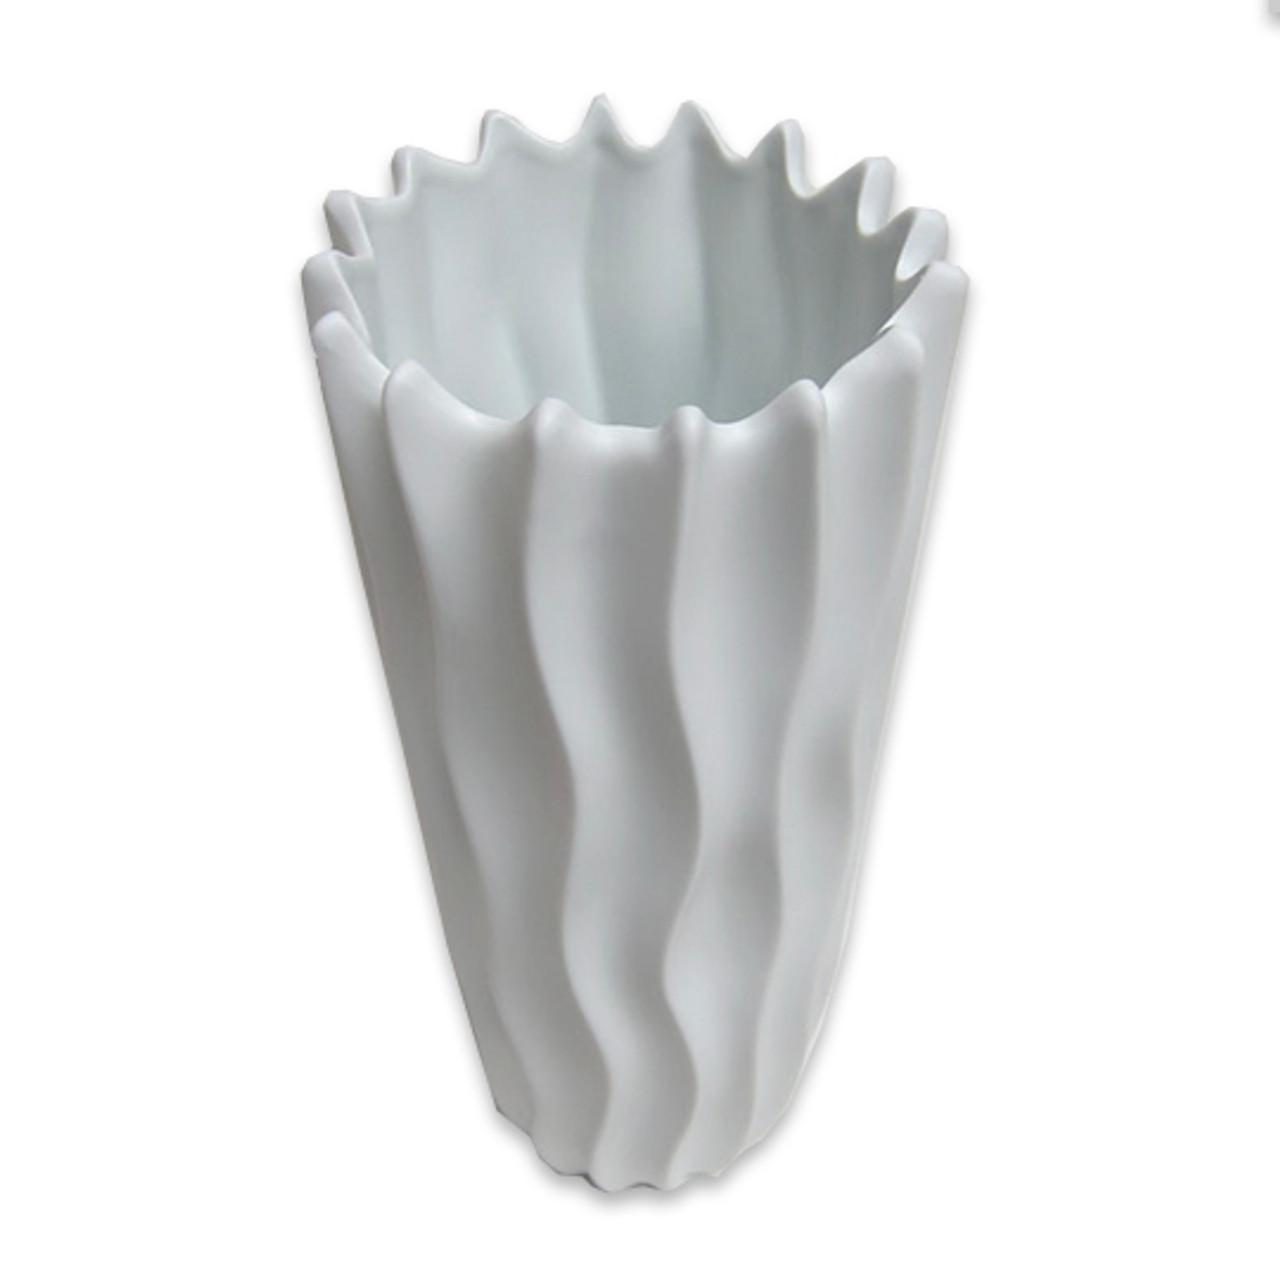 Neptune White Porcelain Vase Tall